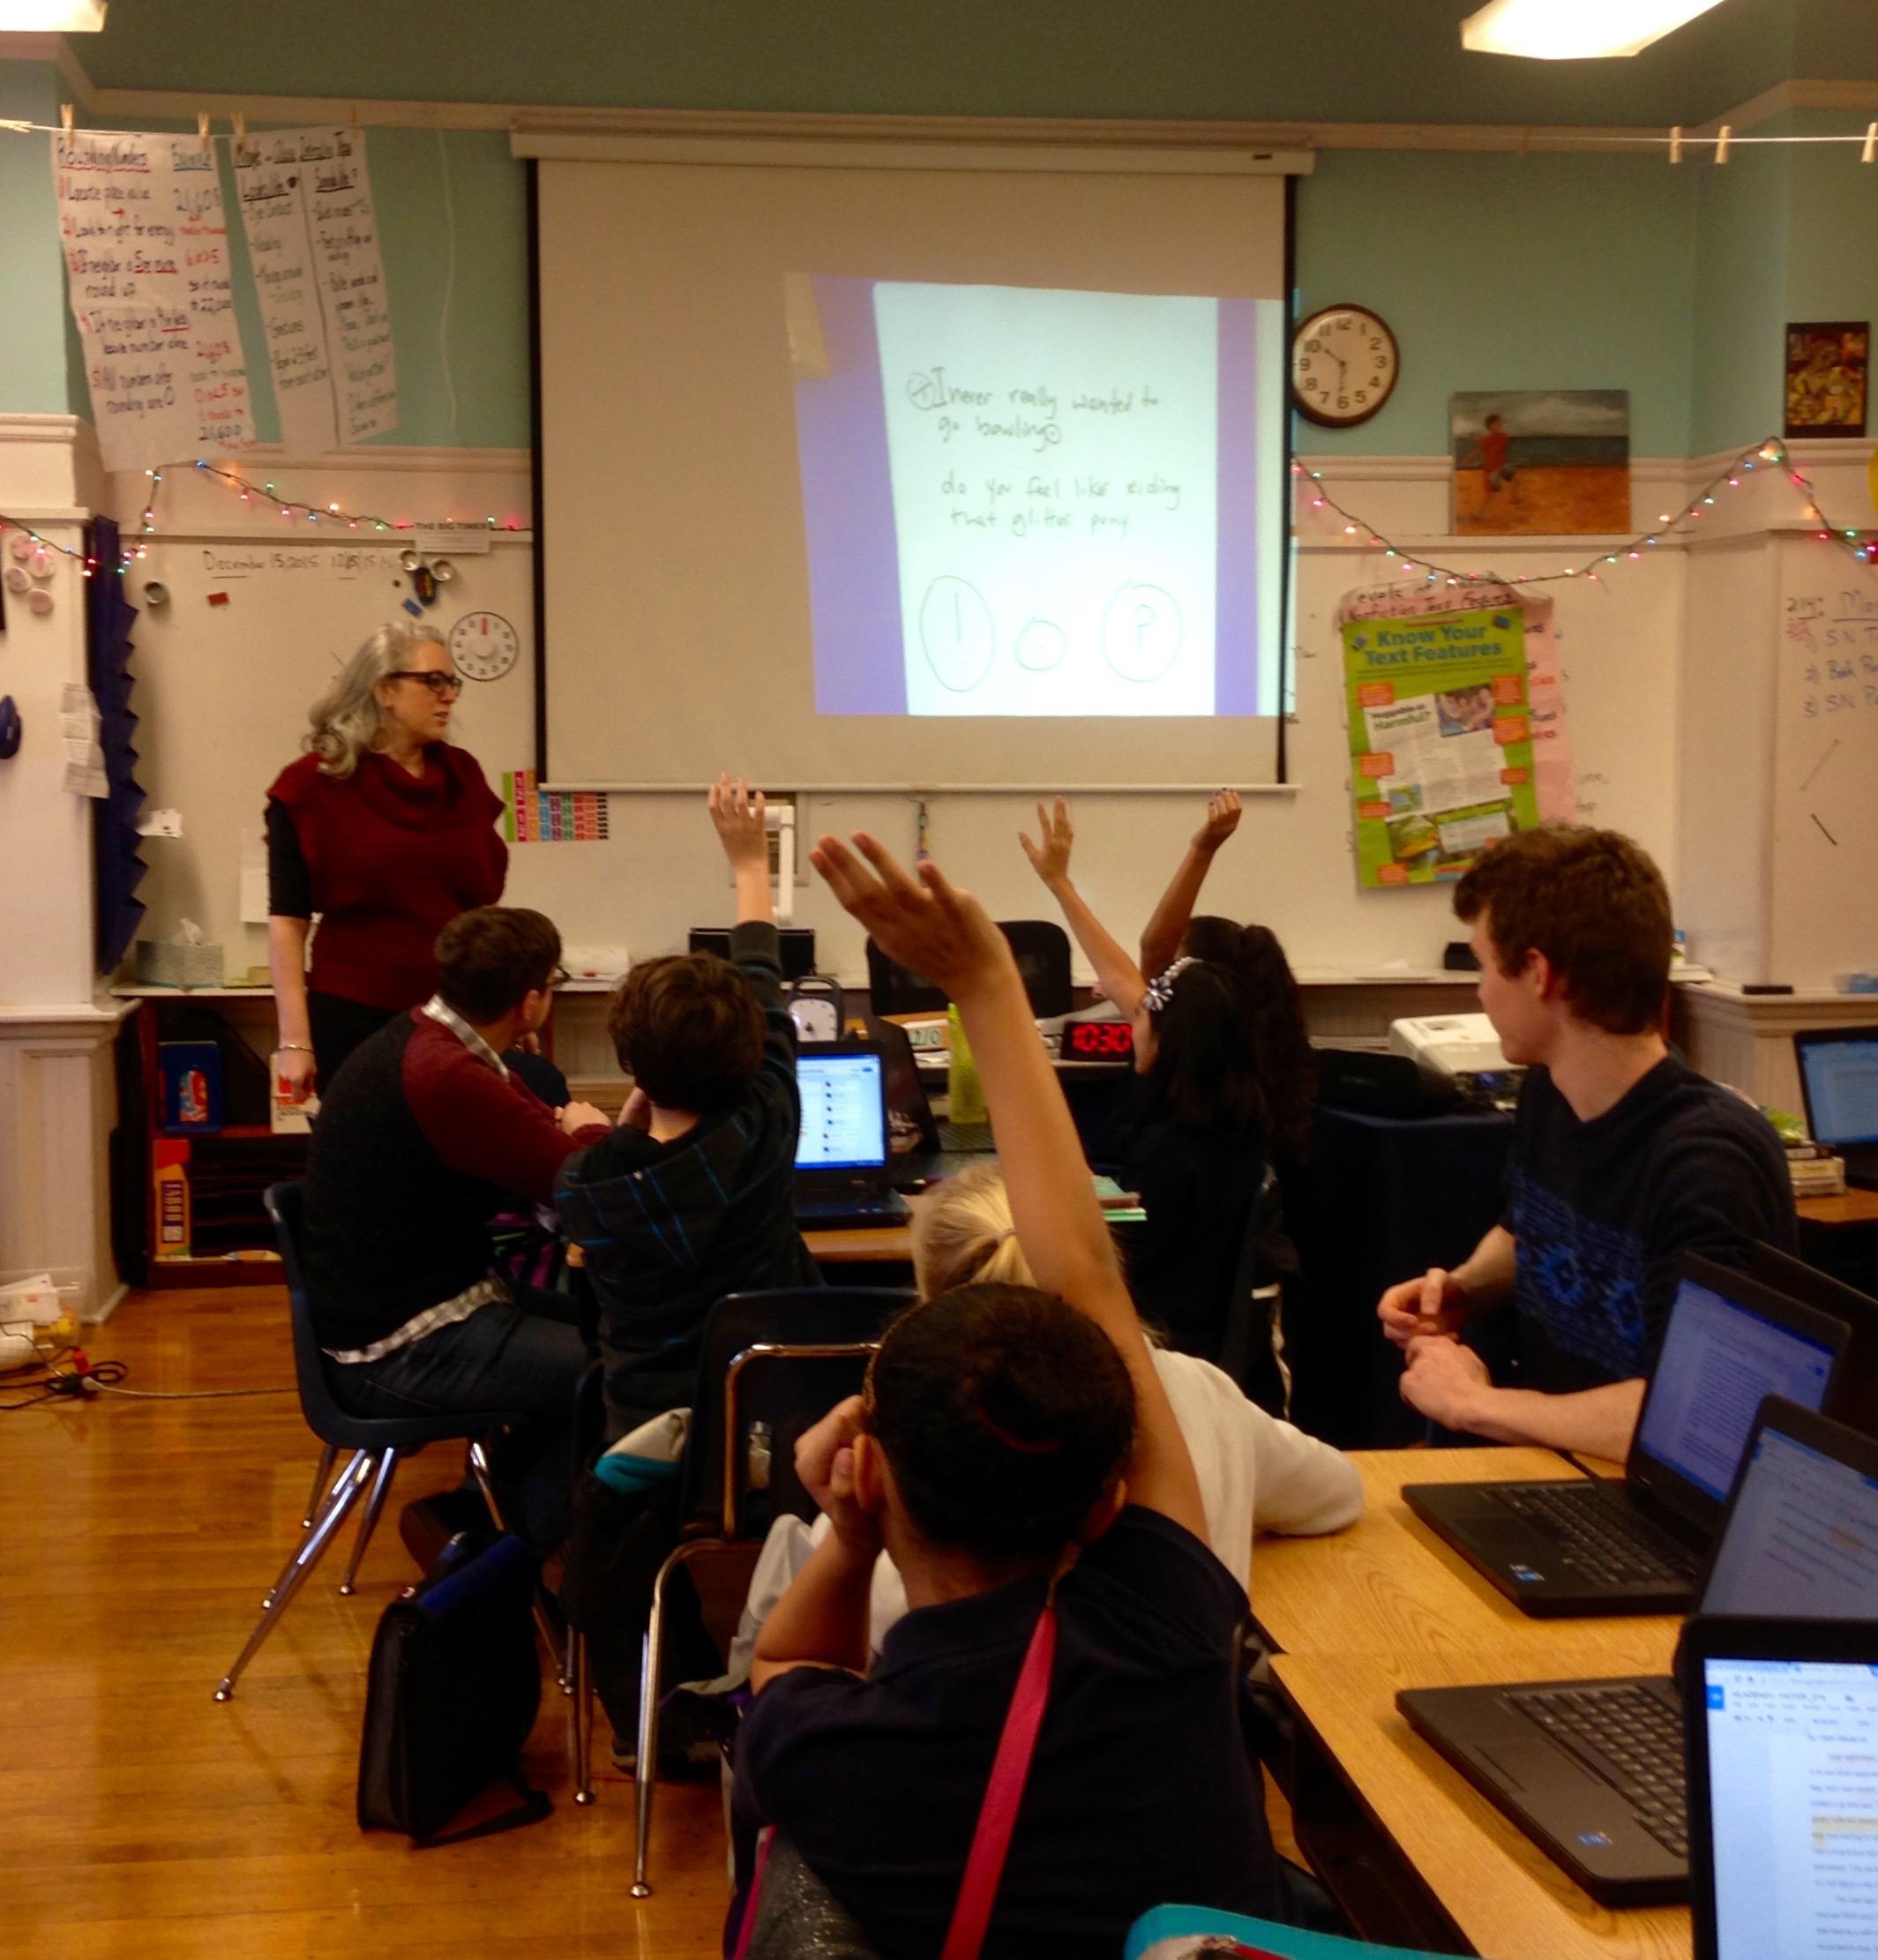 Amanda Lichtenstein leads a brief discussion of punctuation.